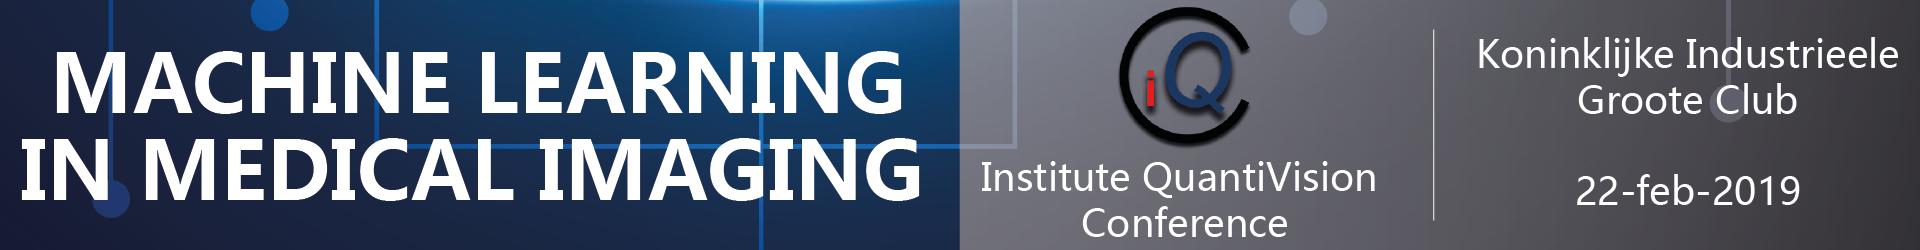 Institute QuantiVision Conference 2019